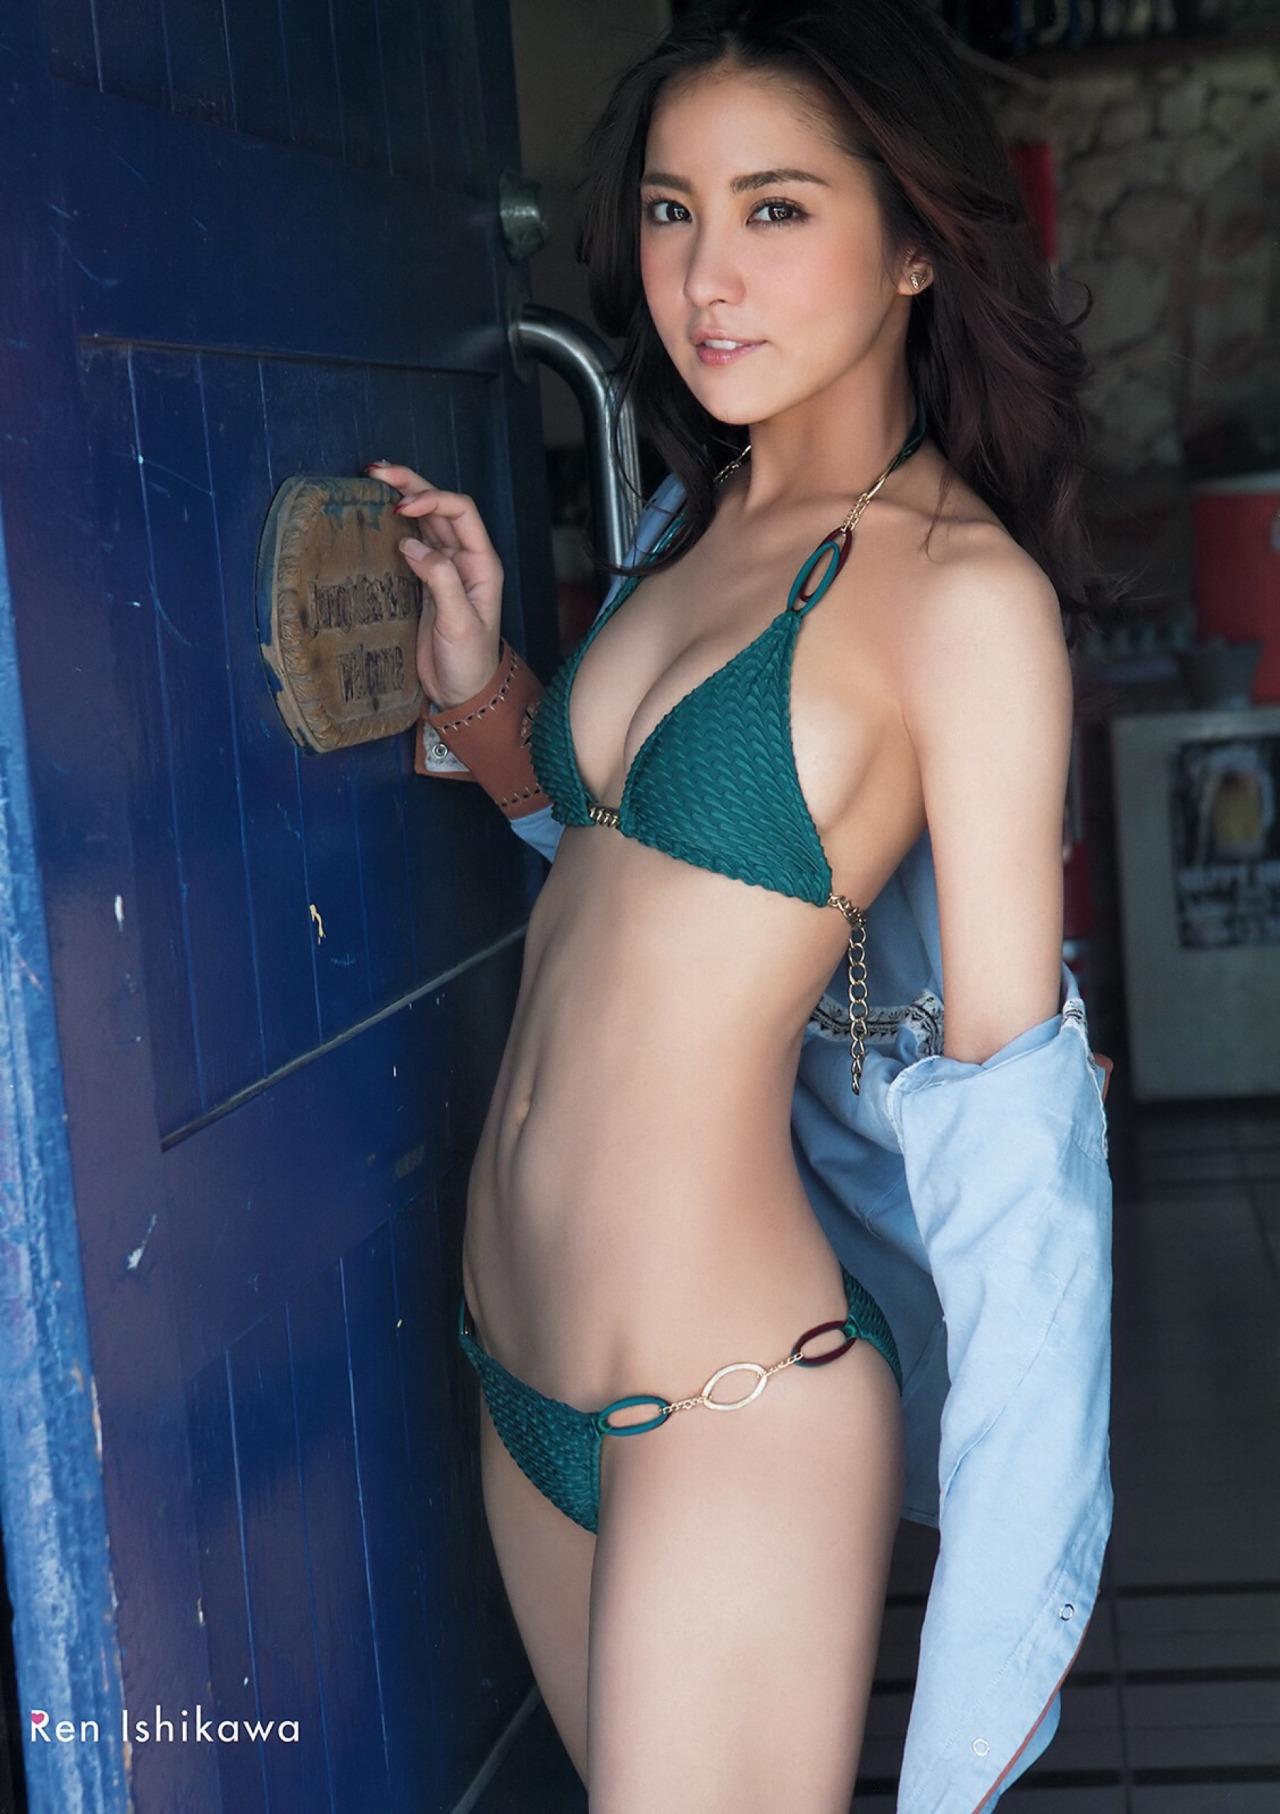 Ren Ishikawa in sexy bikini